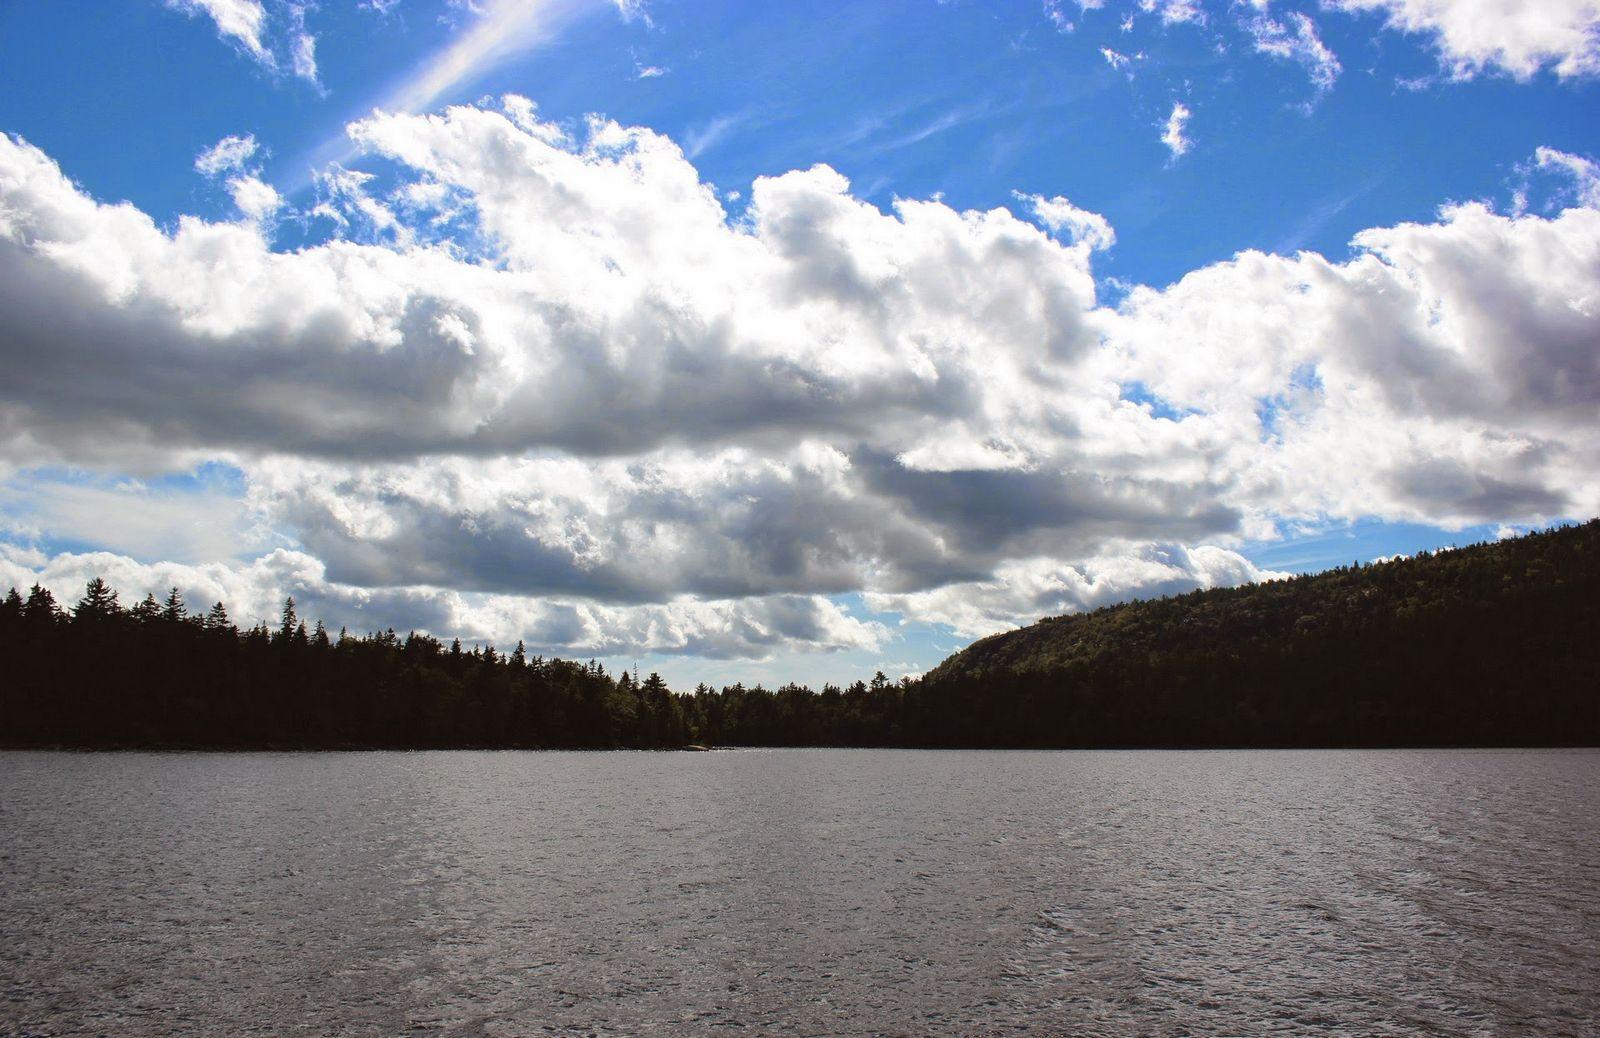 La luz y las nubes acompañan a la excursión de hoy